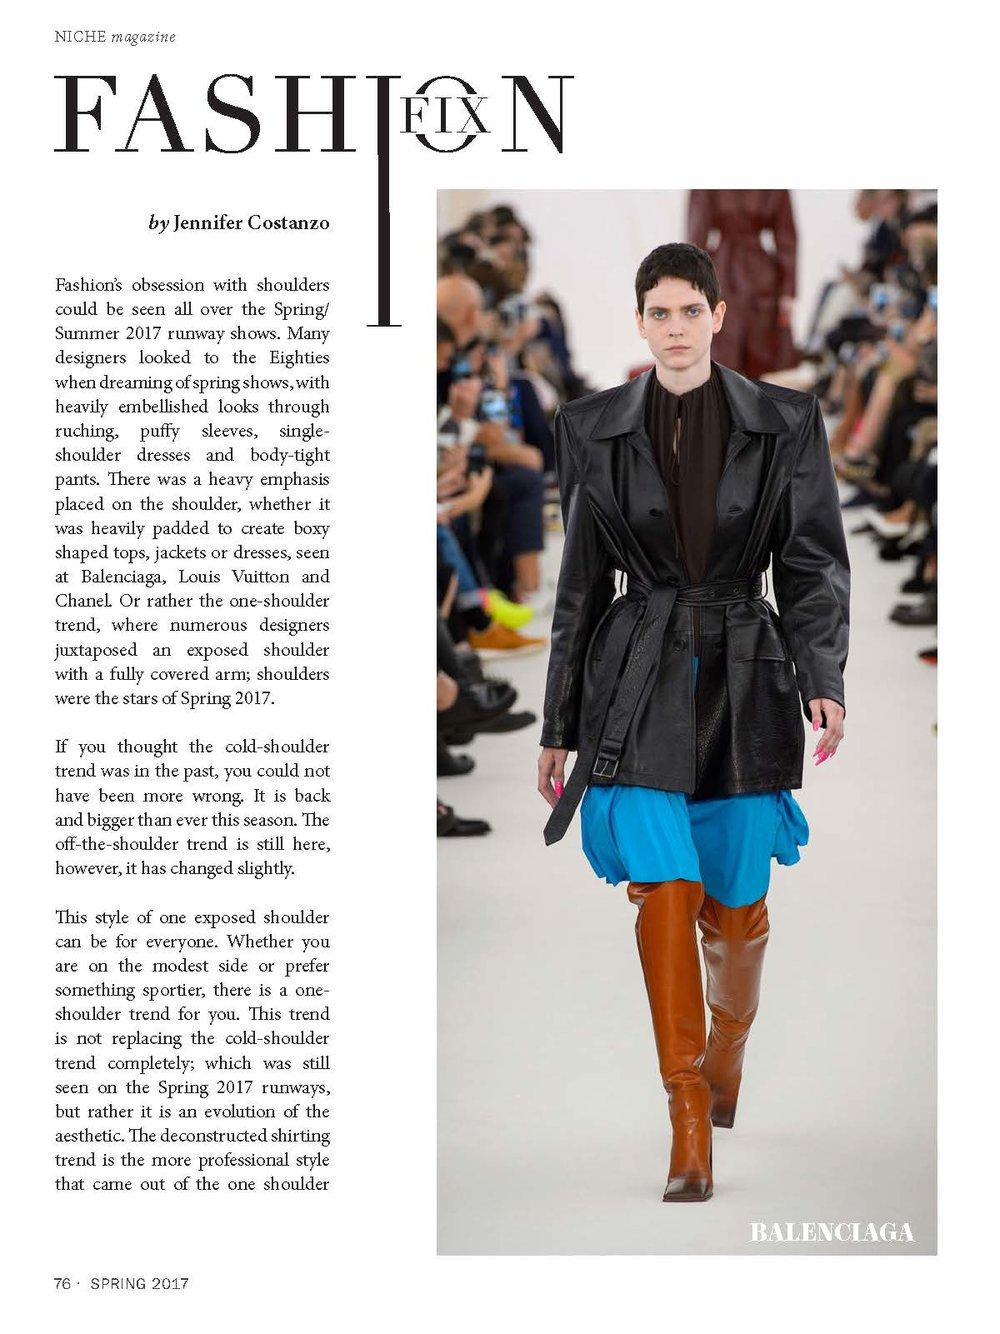 Fashion Fix NICHE style Spring 2017-13 2.jpg